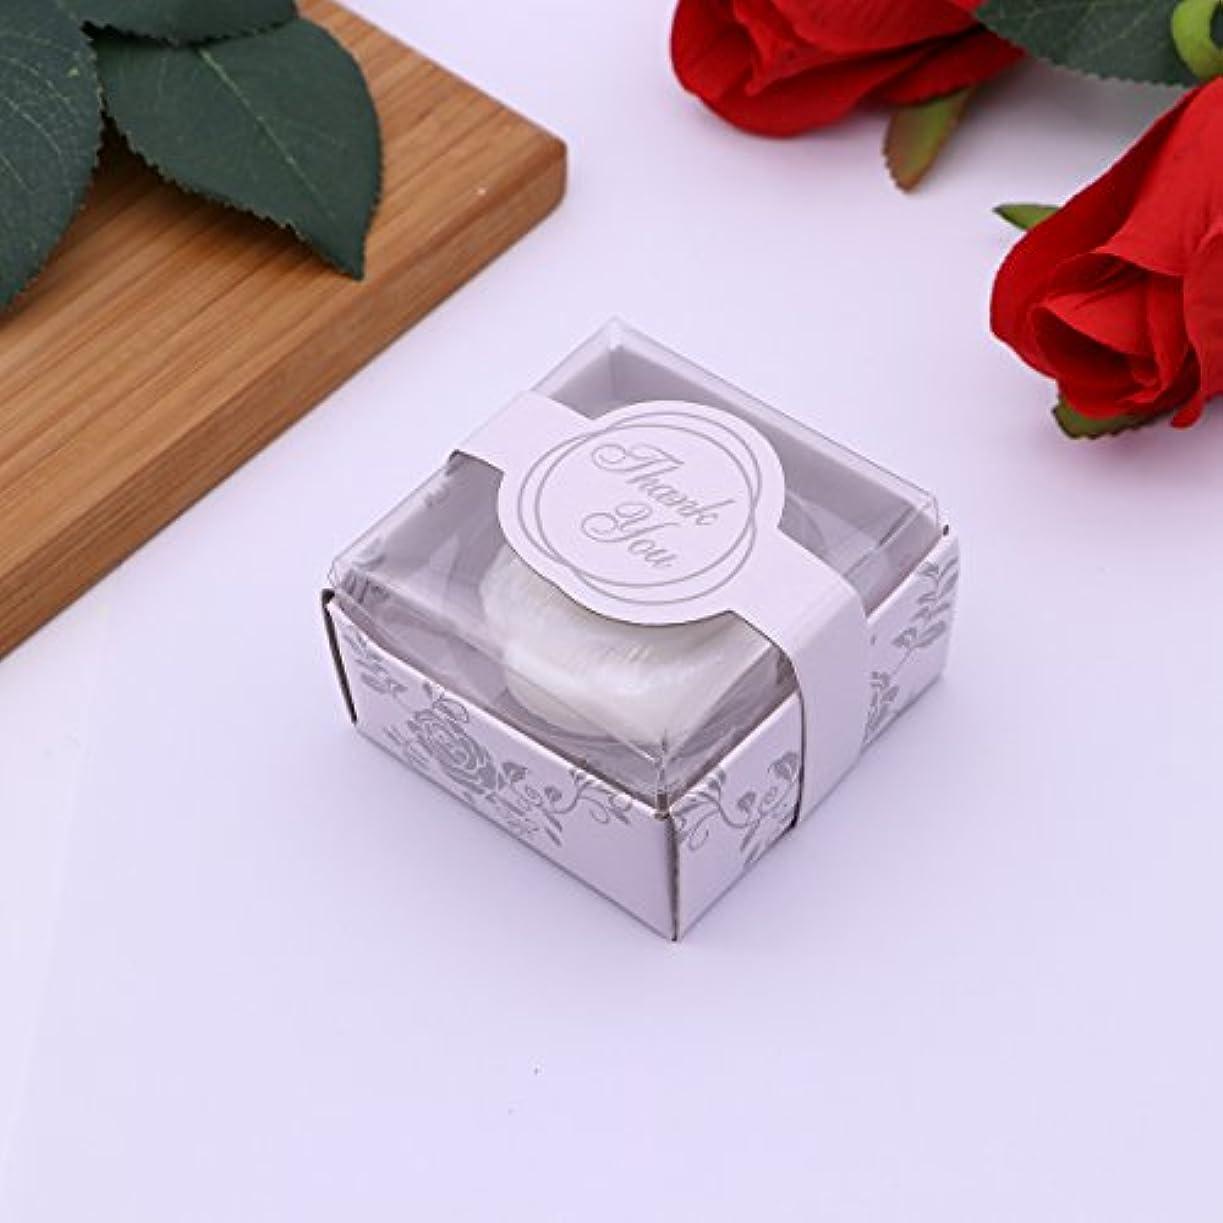 議会ちらつきそれぞれAmosfun 手作り石鹸オイルローズフラワーソープアロマエッセンシャルオイルギフト記念日誕生日結婚式バレンタインデー(ホワイト)20ピース